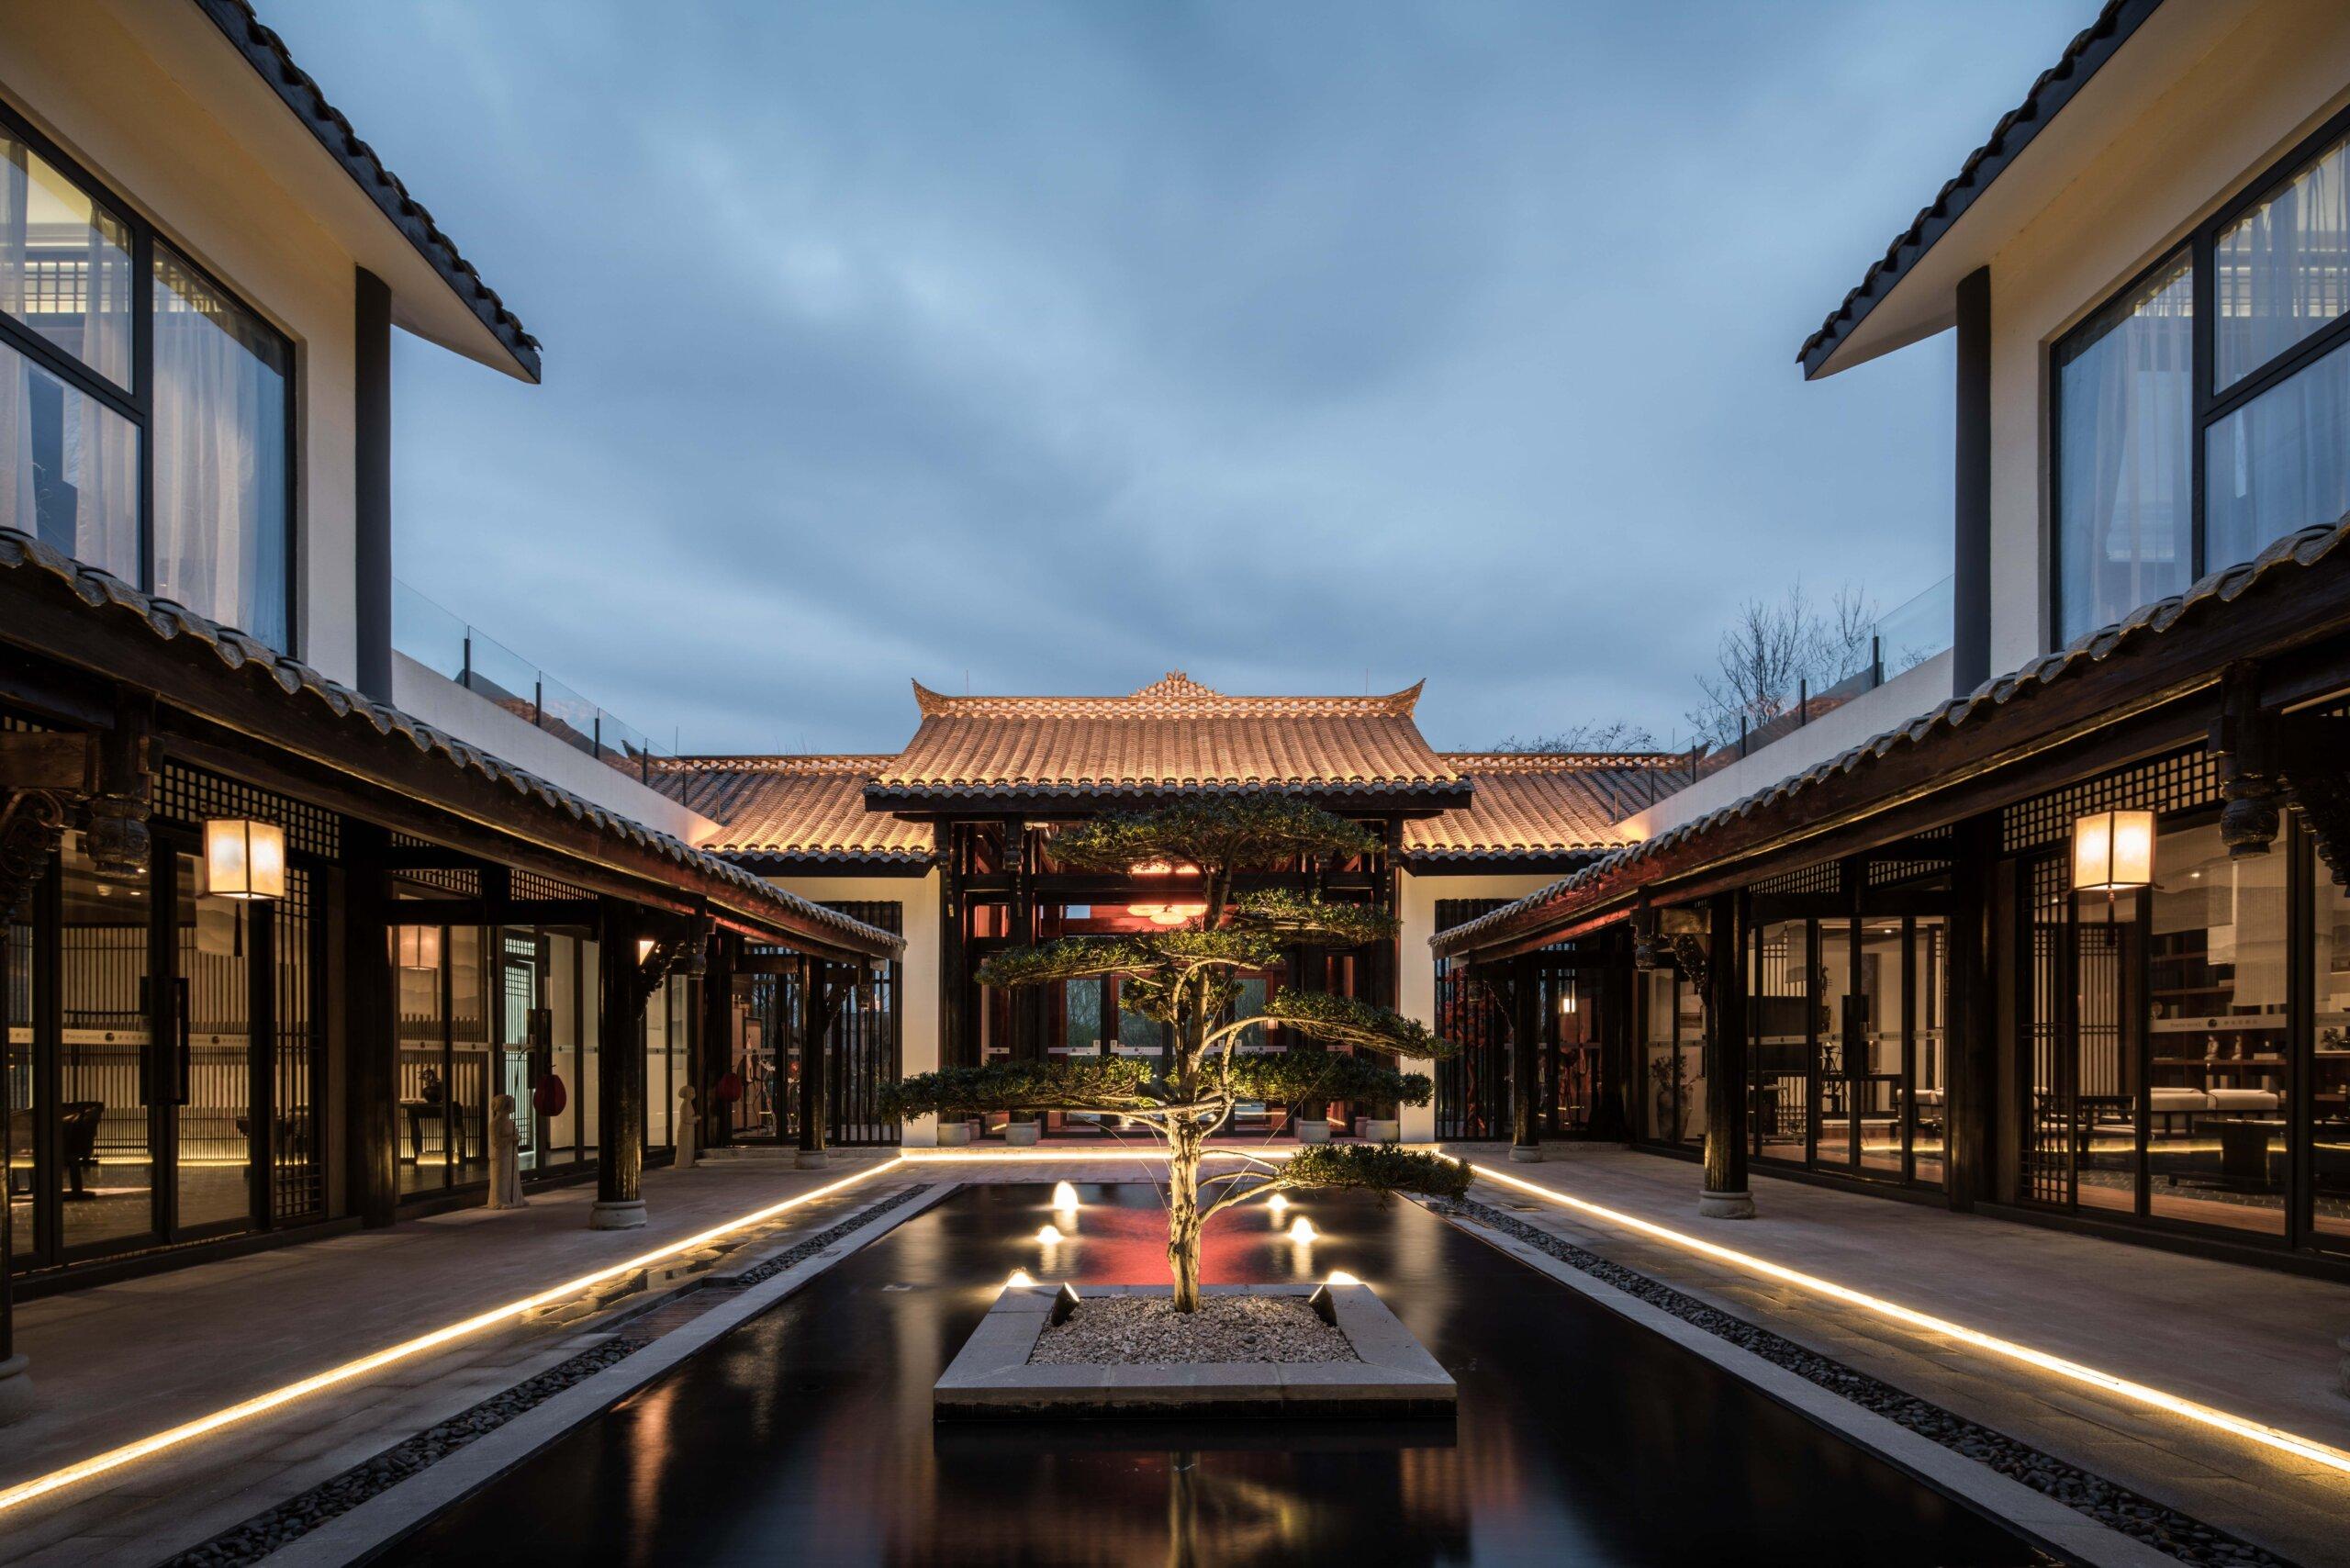 2中庭景观水池